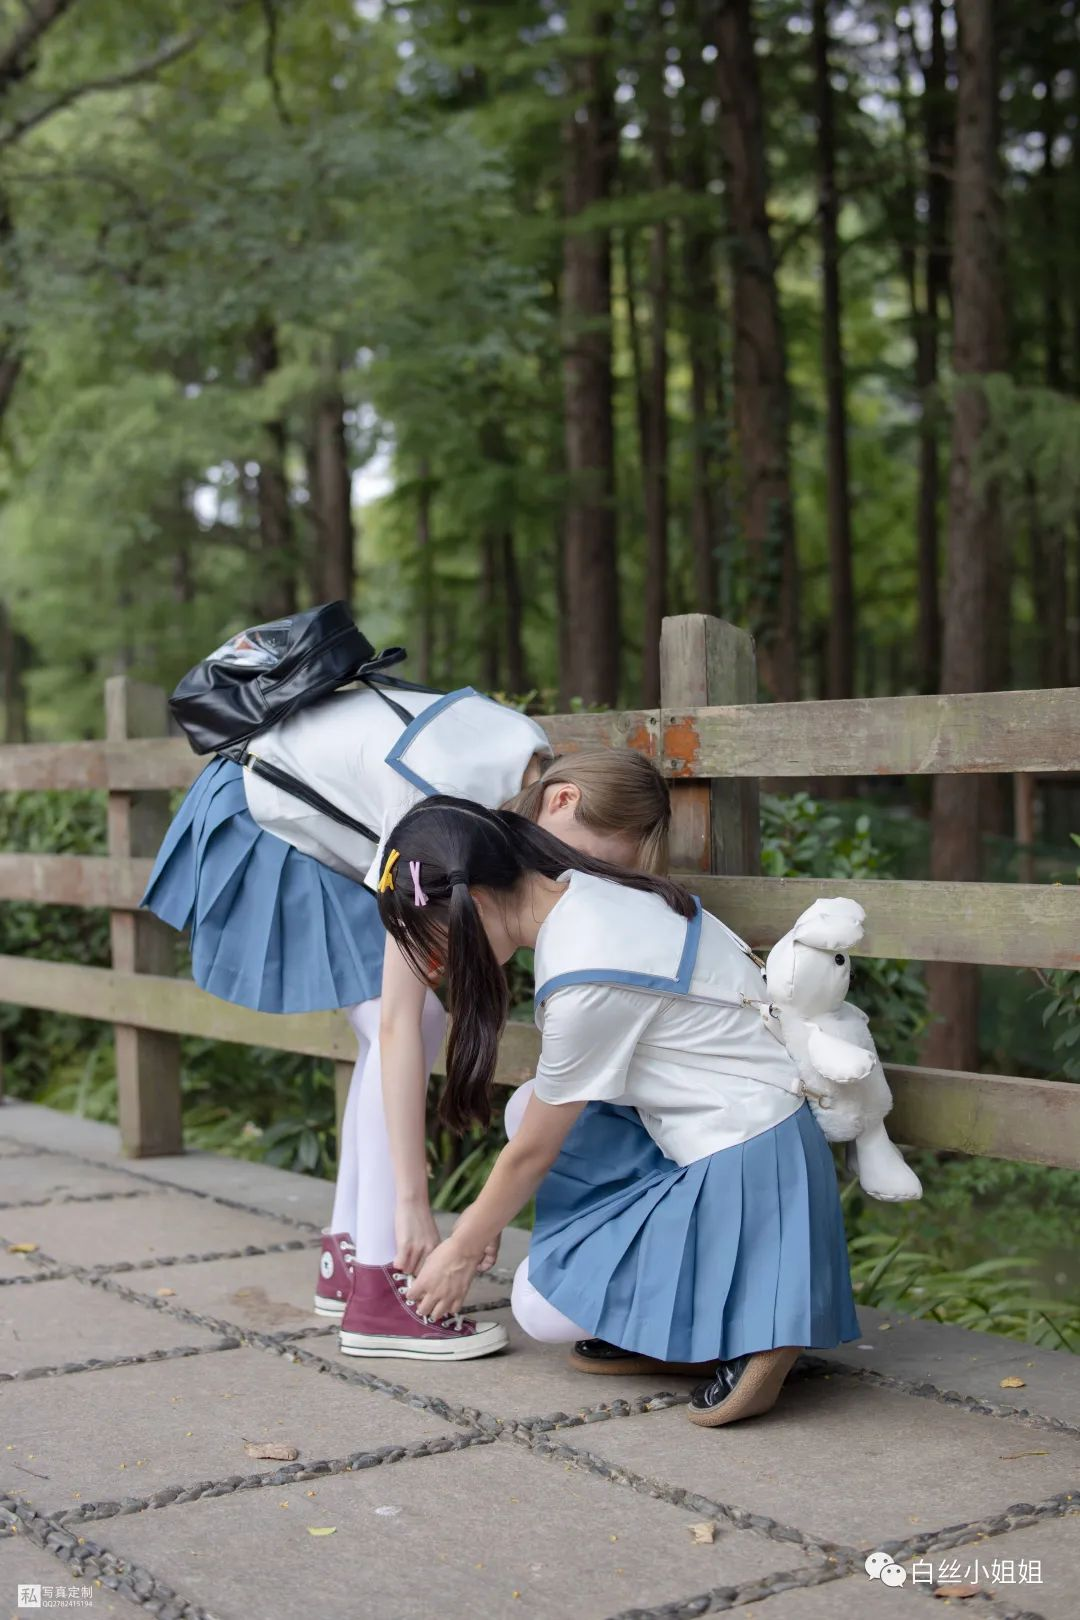 妹子摄影 – 白丝袜JK制服萝莉成对出现,双倍快乐!_图片 No.15